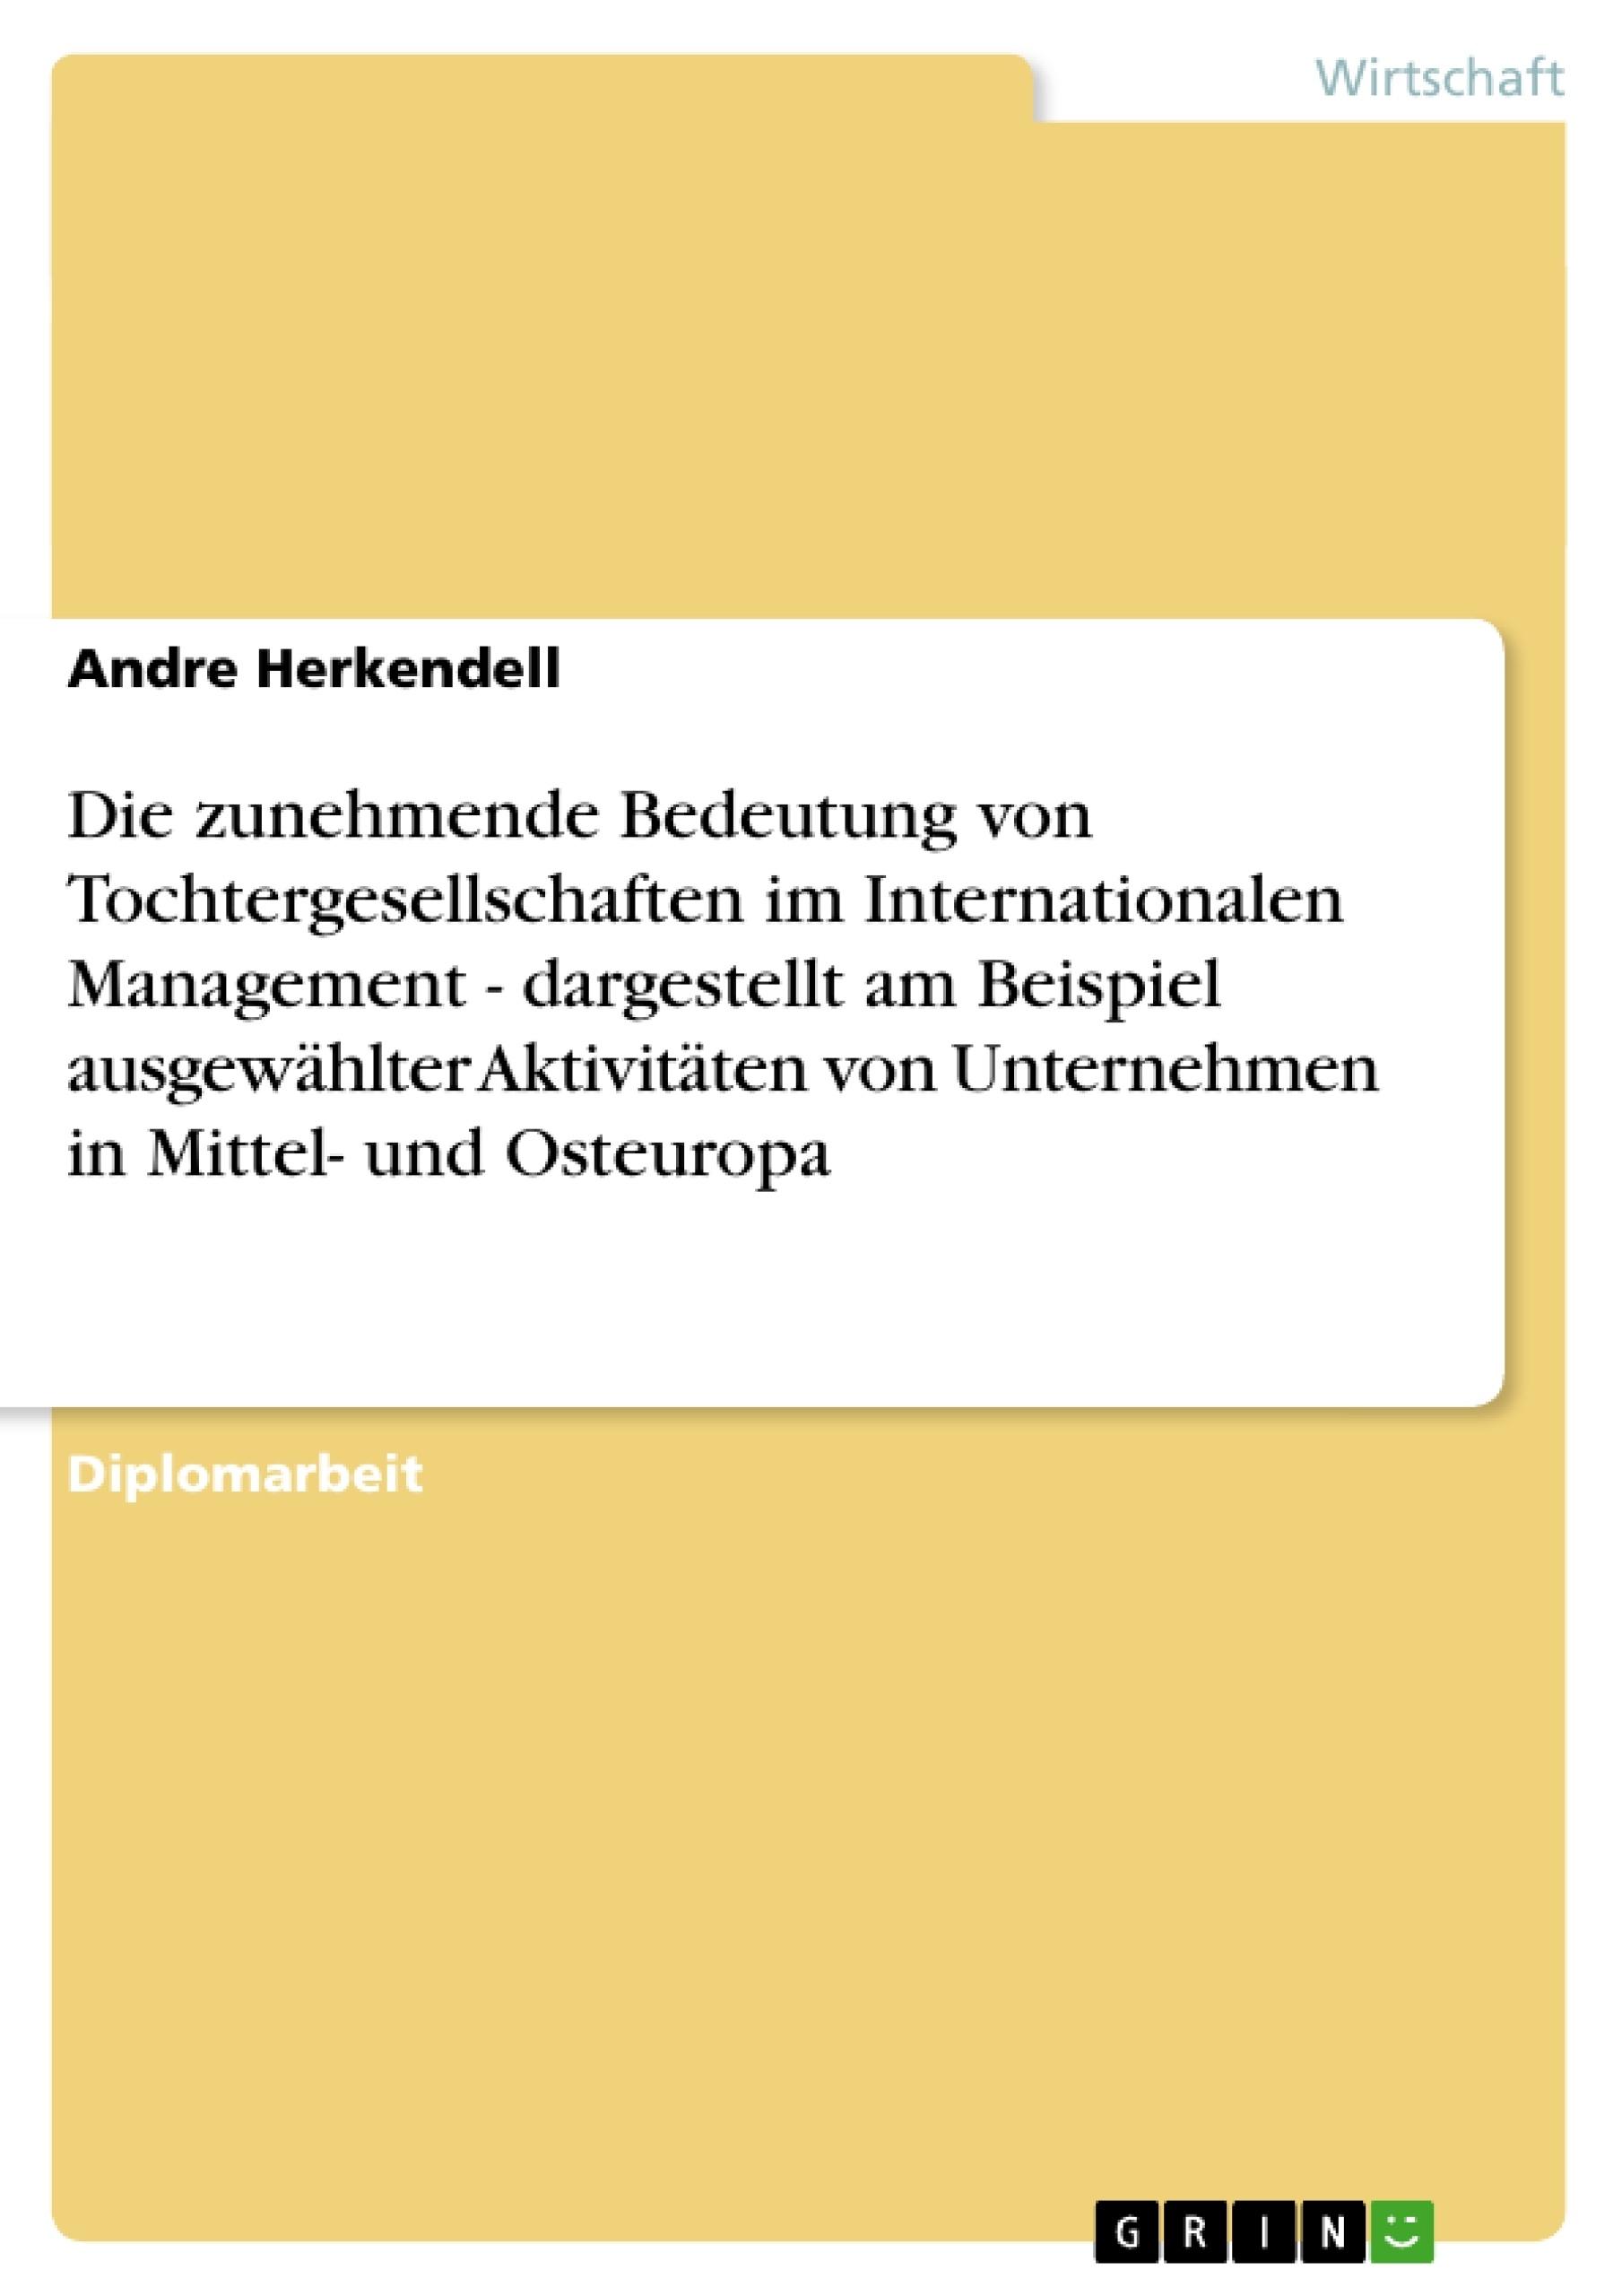 Titel: Die zunehmende Bedeutung von Tochtergesellschaften im Internationalen Management - dargestellt am Beispiel ausgewählter Aktivitäten von Unternehmen in Mittel- und Osteuropa